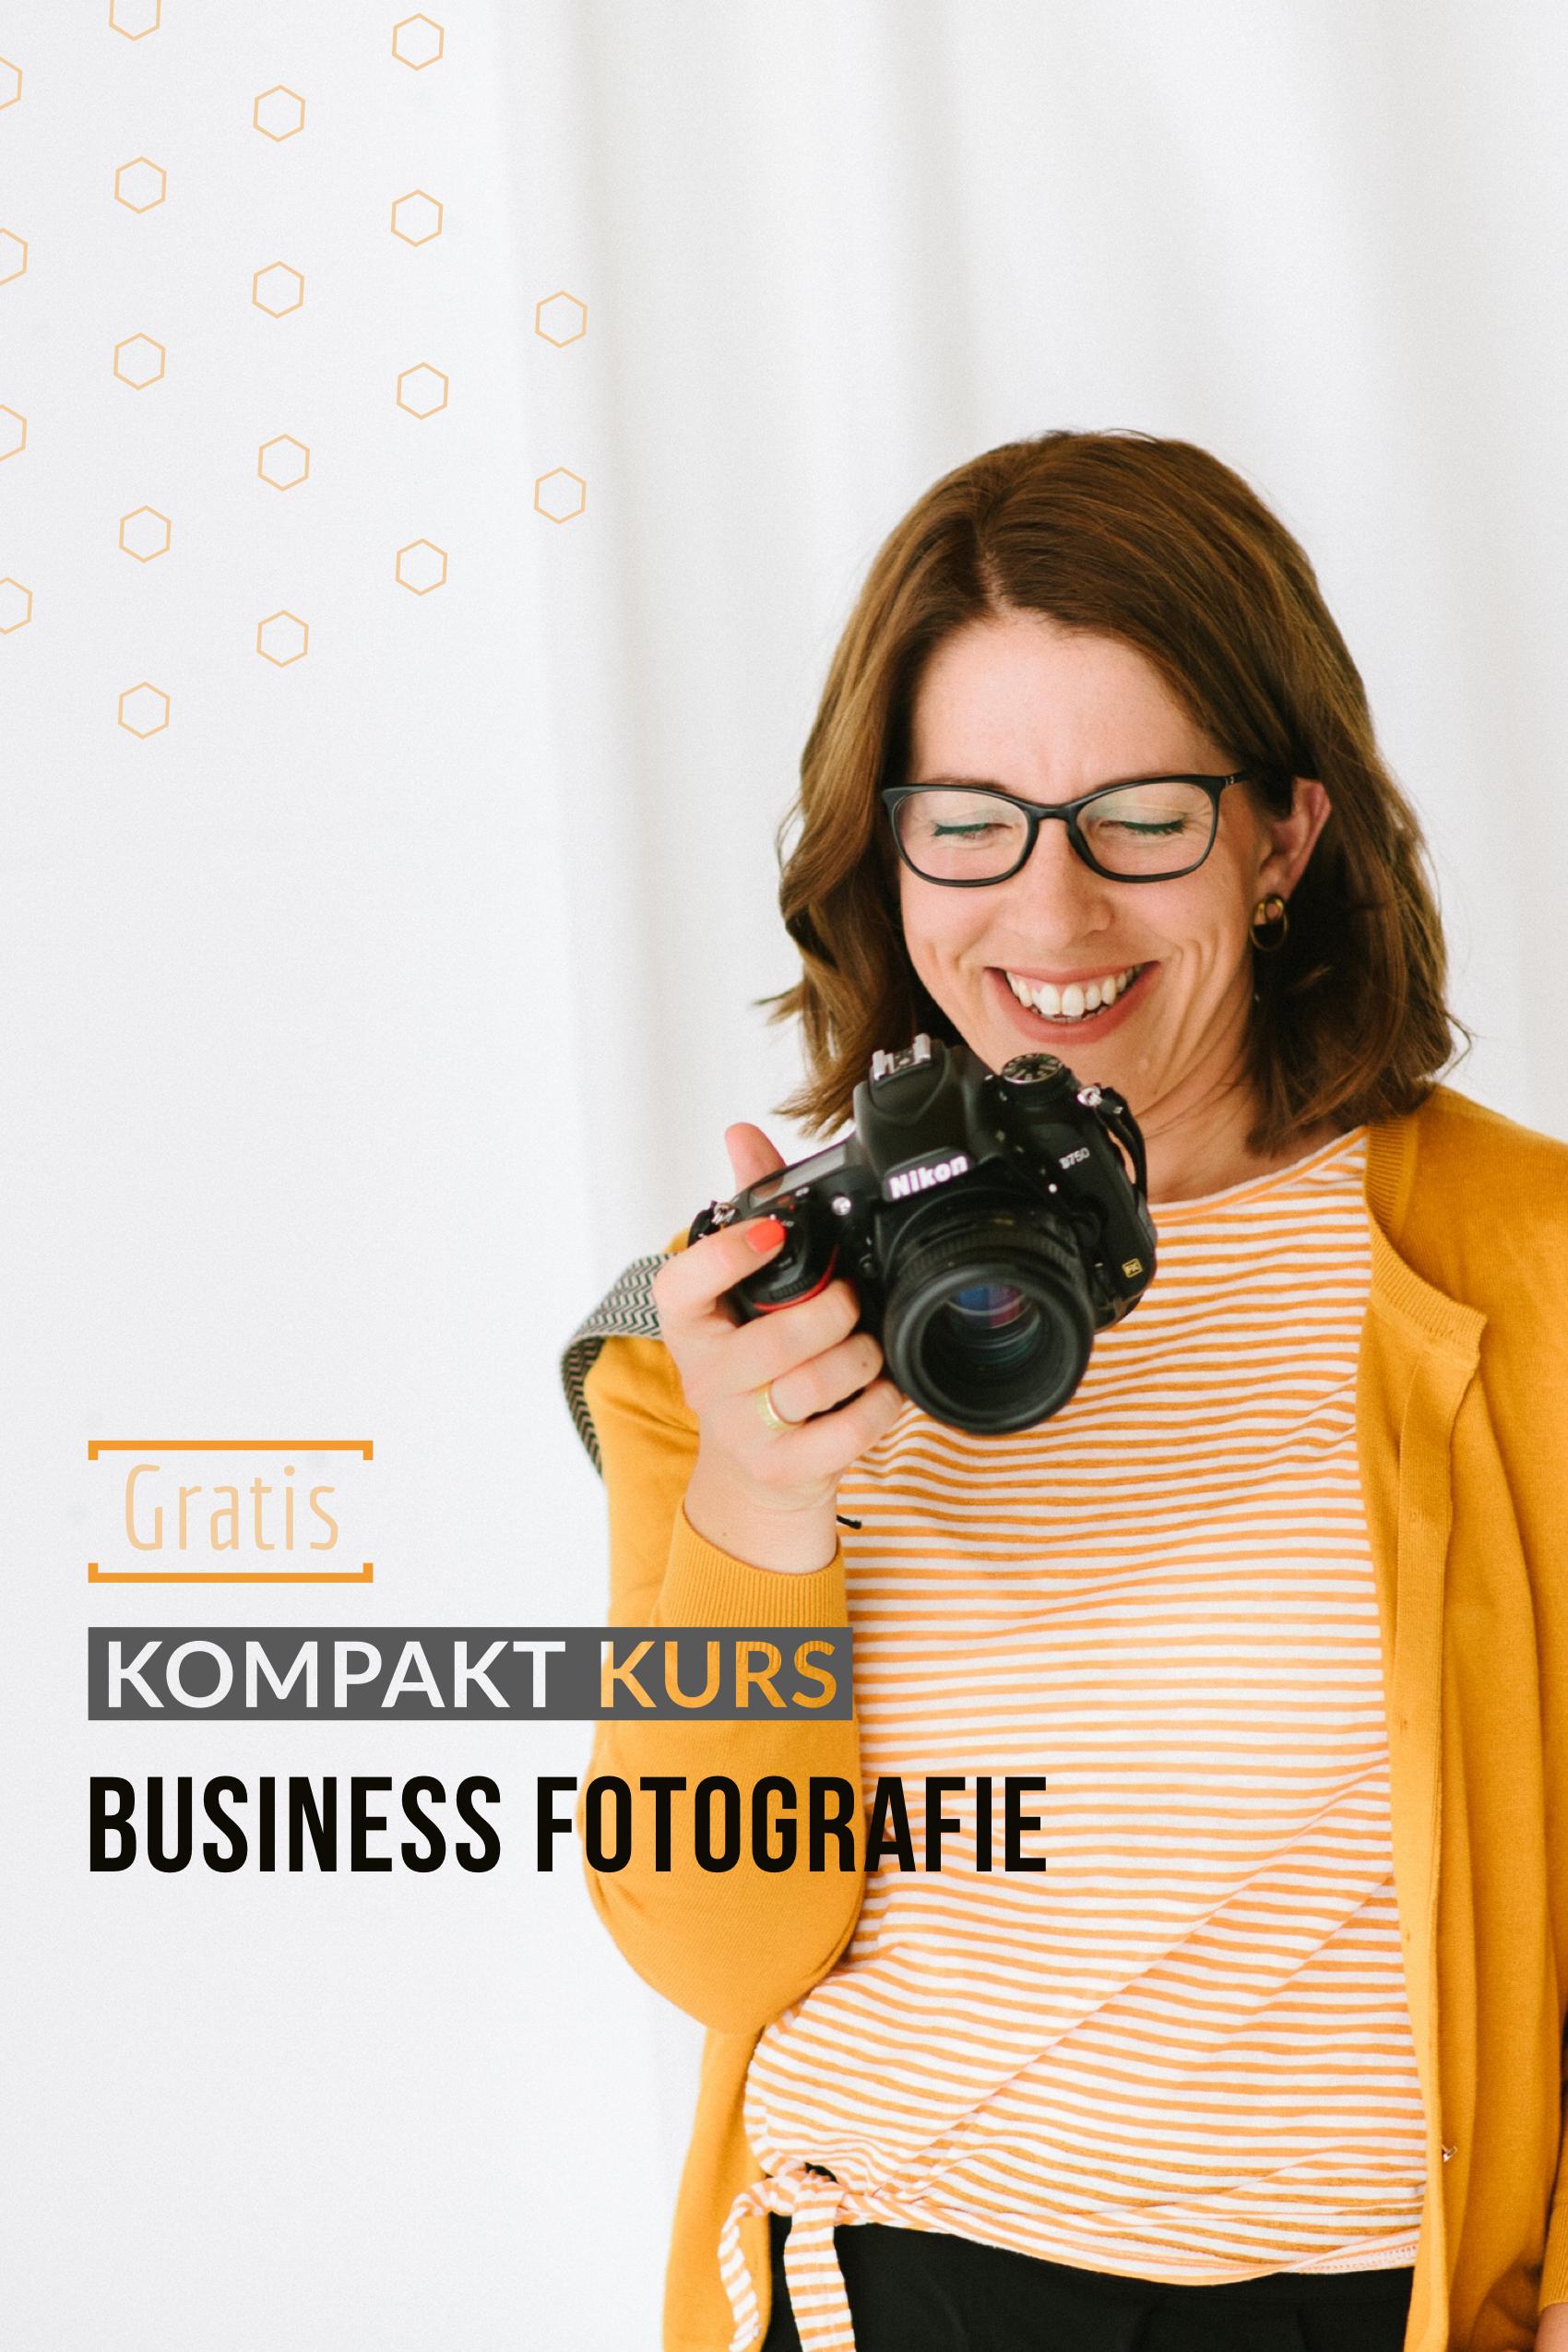 Gratis Foto Kompakt Kurs Katja Heil